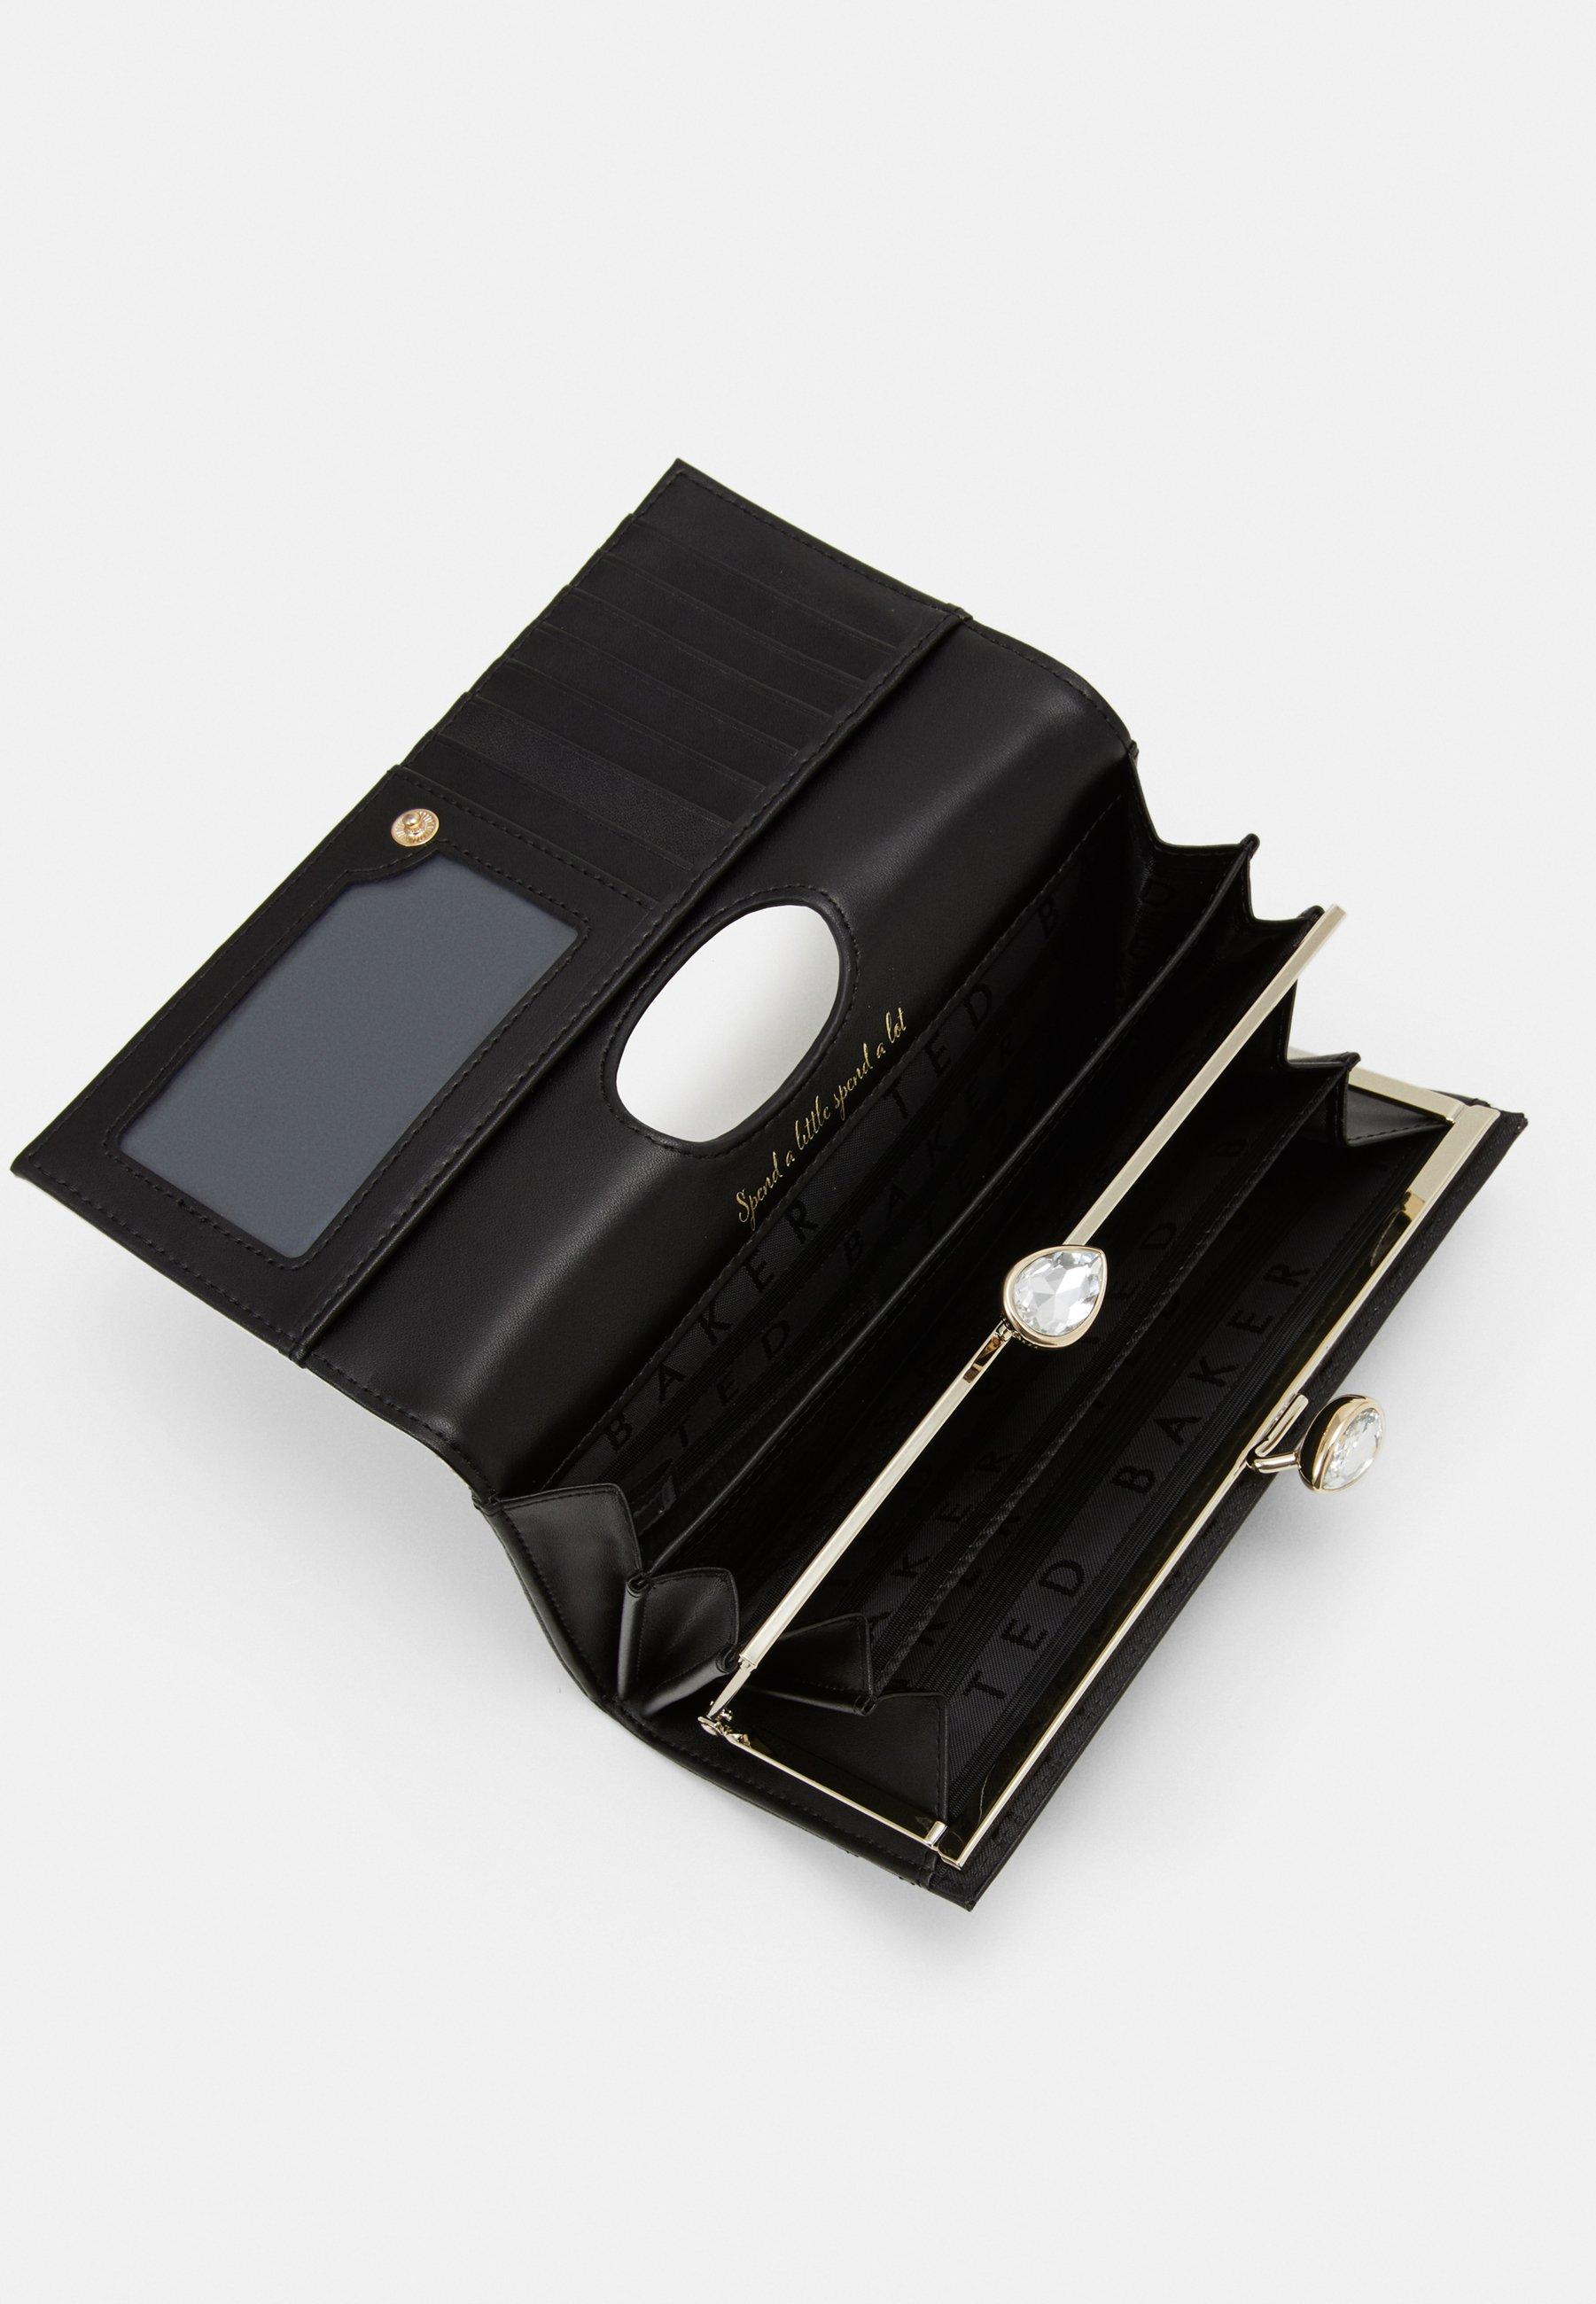 Acheter le plus récent Meilleurs prix Ted Baker ELDERFLOWER TEARDROP BOBBLE MATINEE - Portefeuille - black - ZALANDO.FR MQoEr